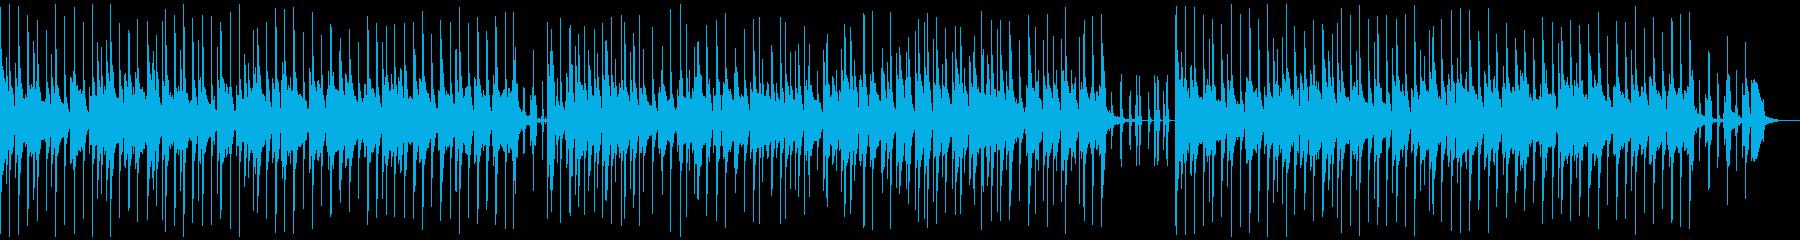 生の津軽三味線、民謡ジャズの再生済みの波形